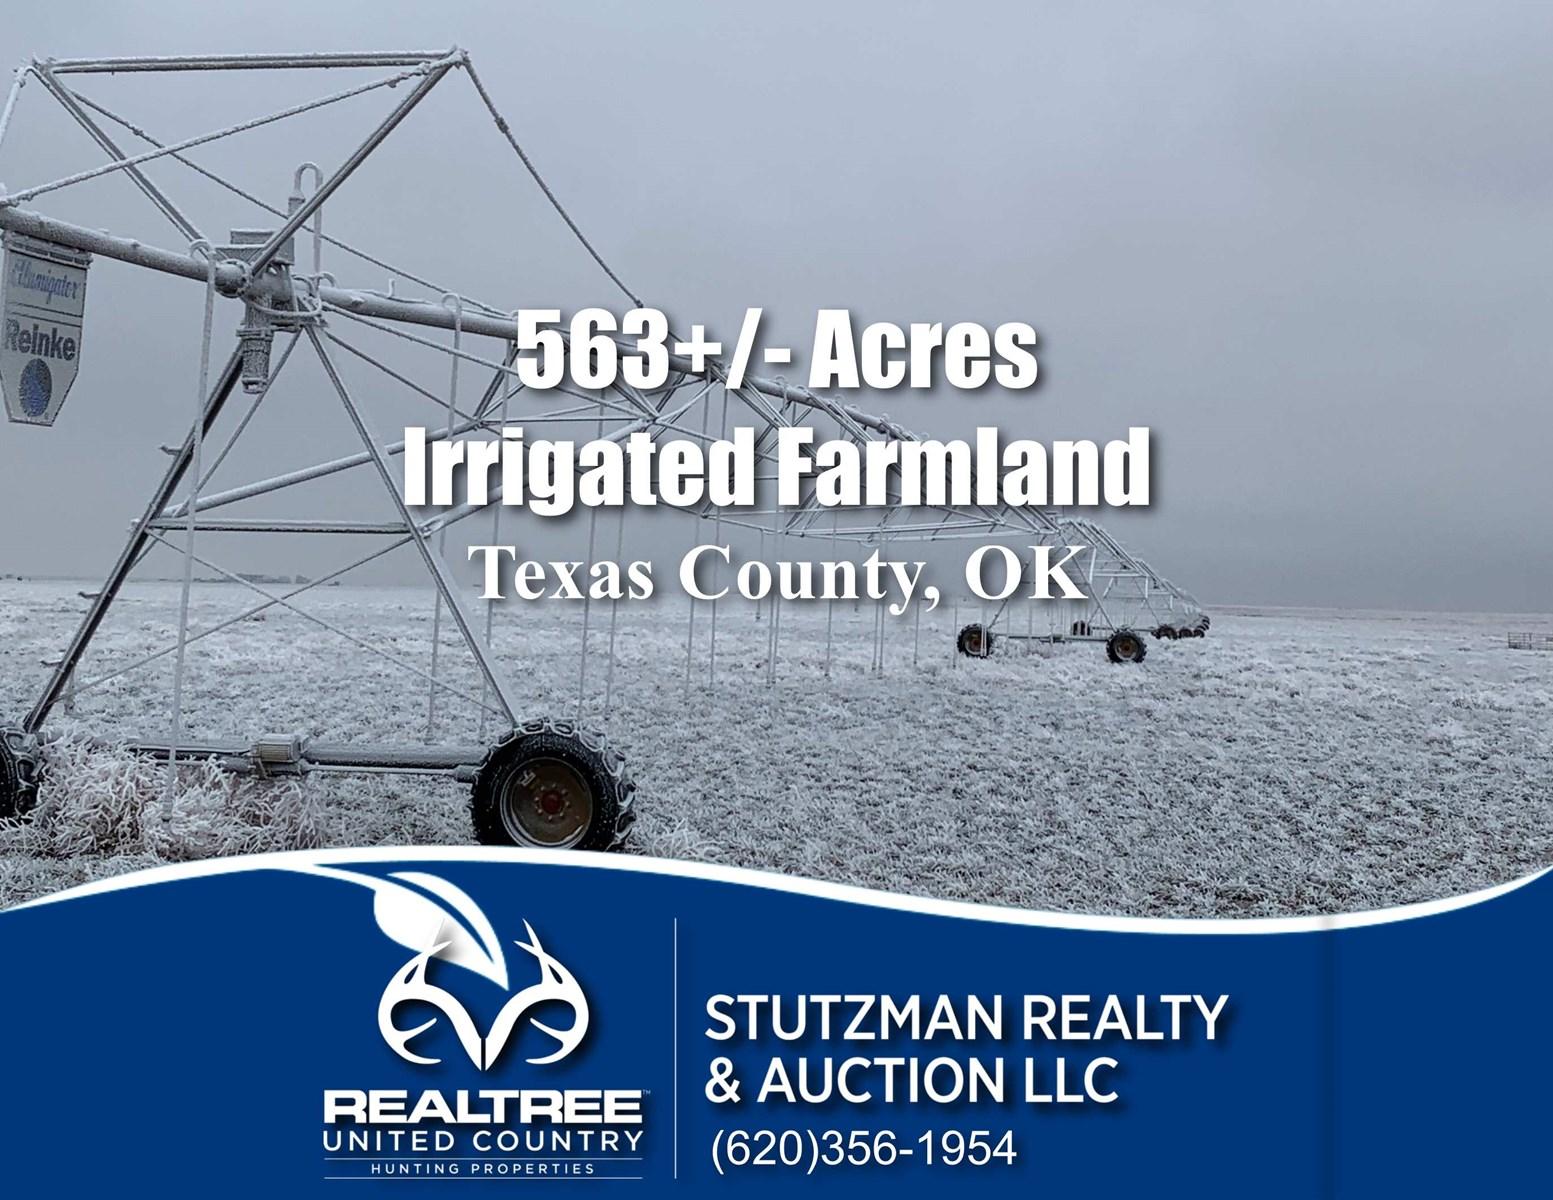 TEXAS COUNTY, OK ~ 563 ACRE IRRIGATED FARM